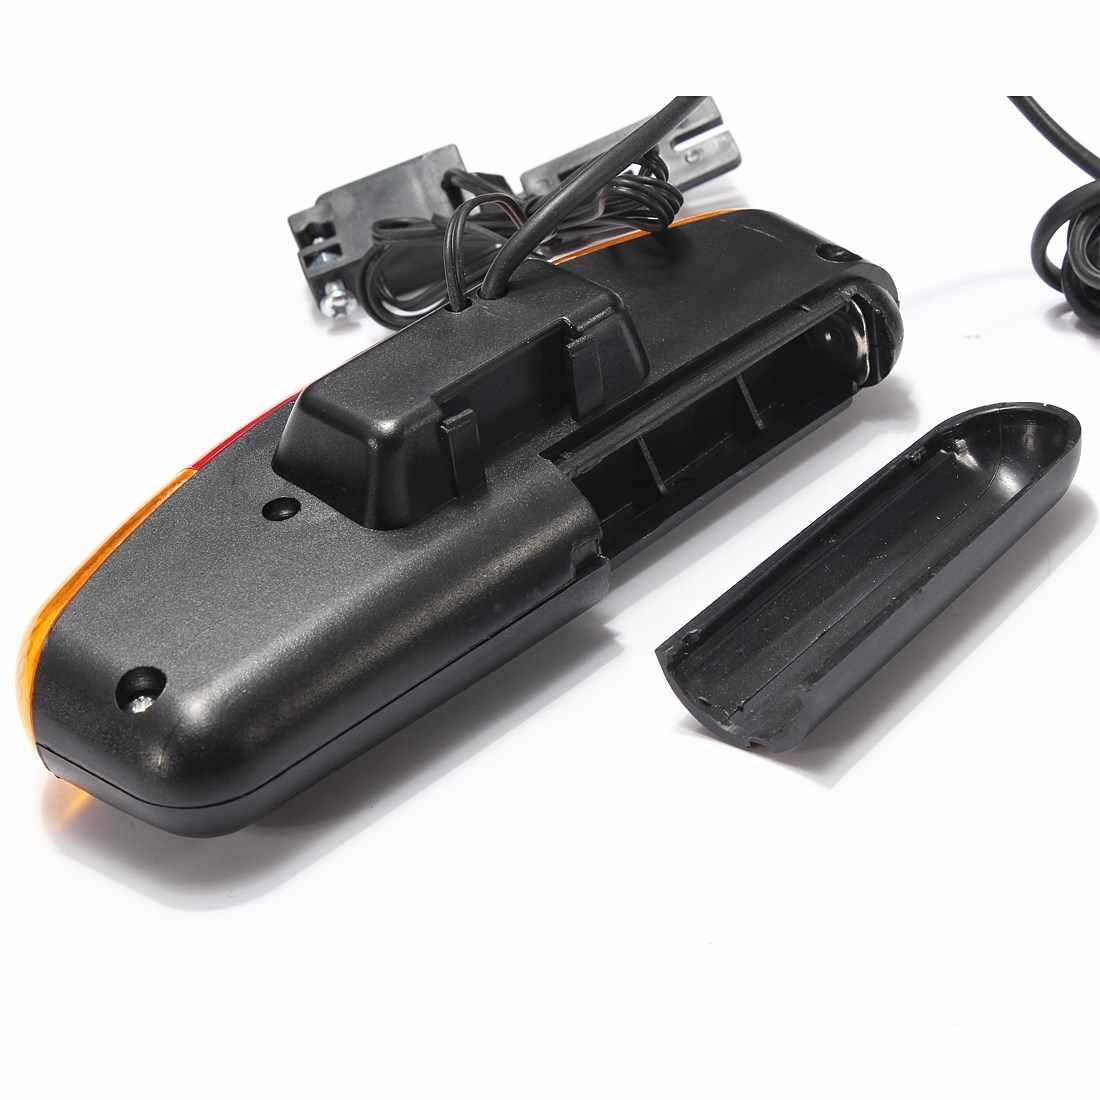 Survêtement 3 en 1 vtt vélo clignotant frein lumière LED 7 LED 8 airs klaxon électrique vélo lampe 3 modèles de lumière cyclisme lumières